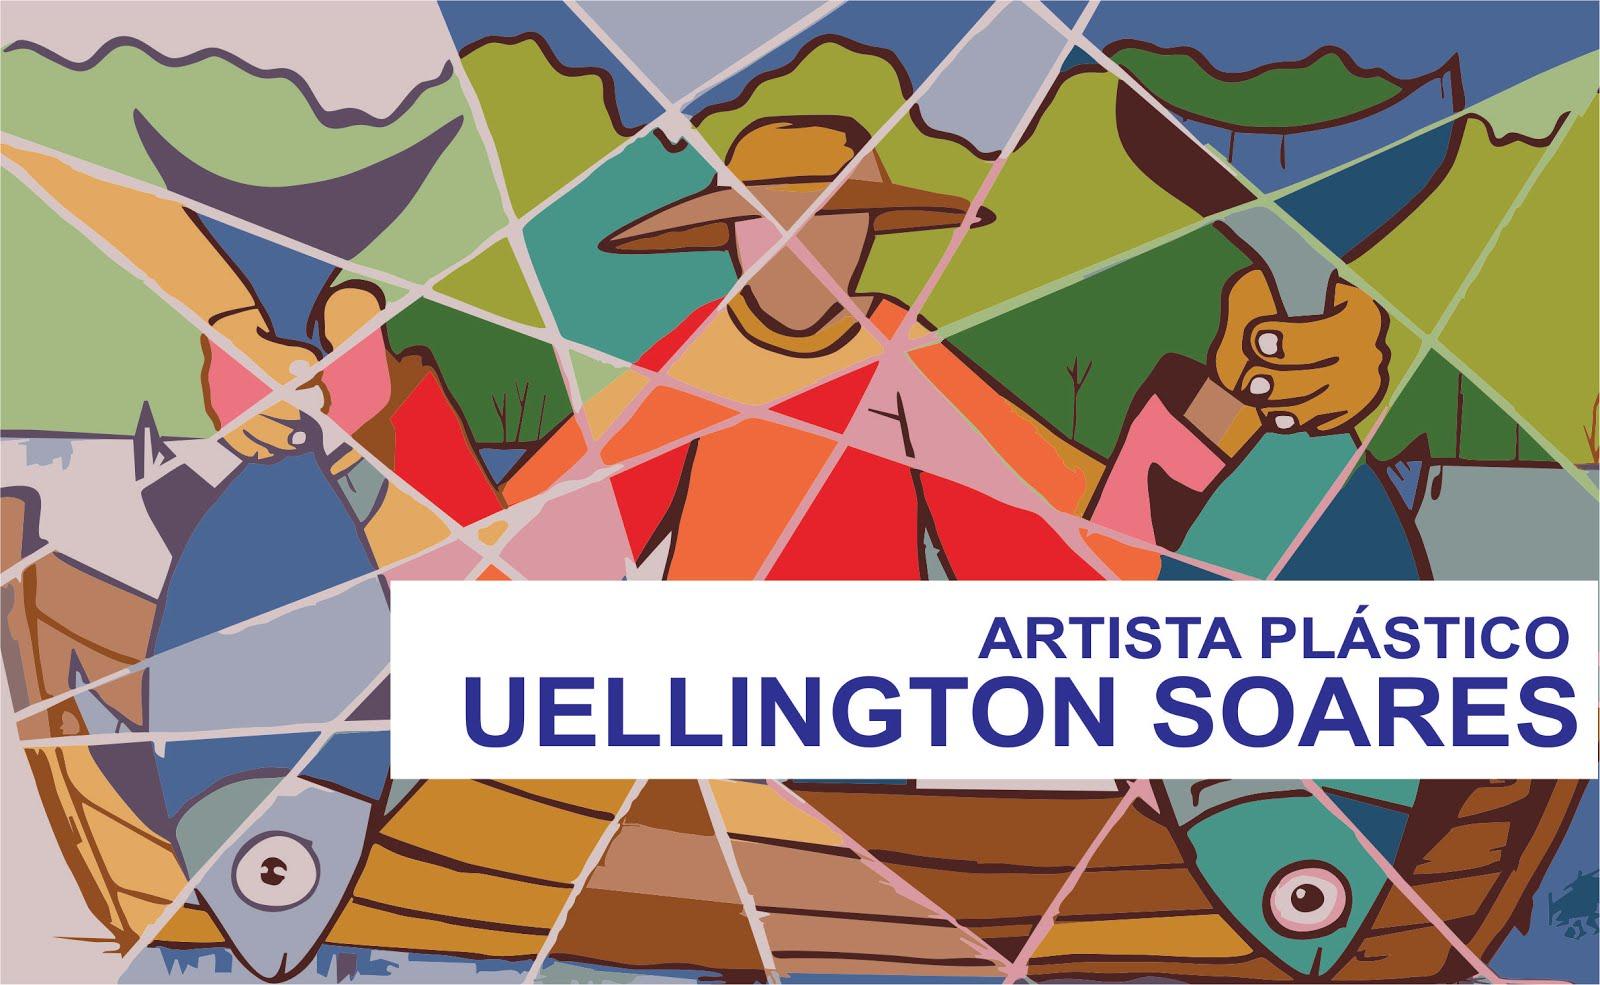 UELLINGTON SOARES